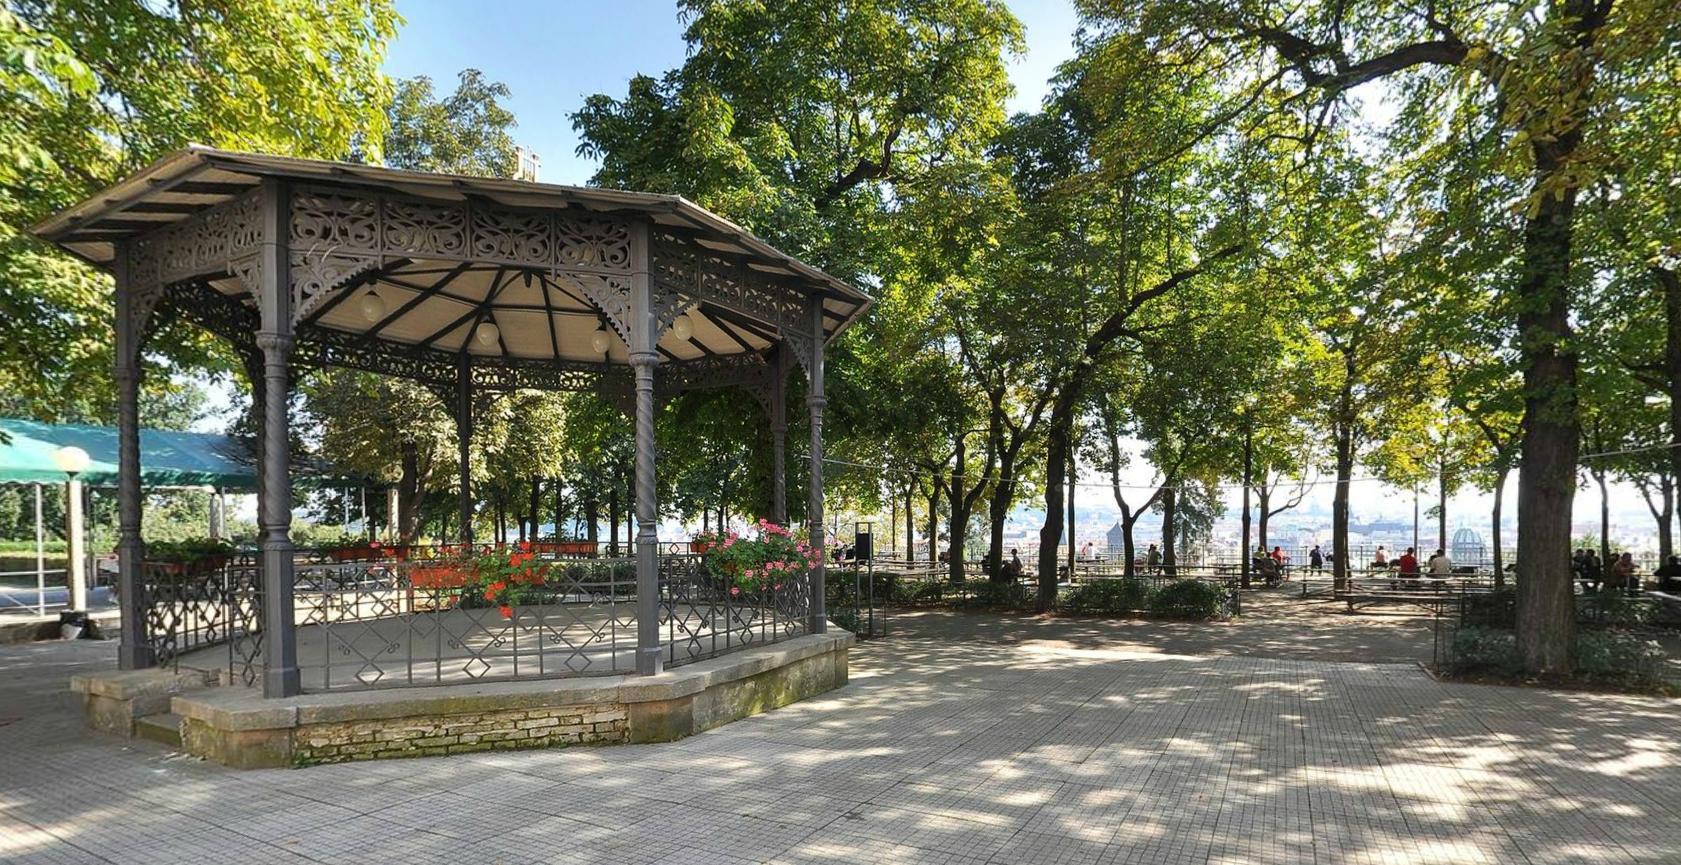 Letná Parks (Letenské sady) - Prague.eu